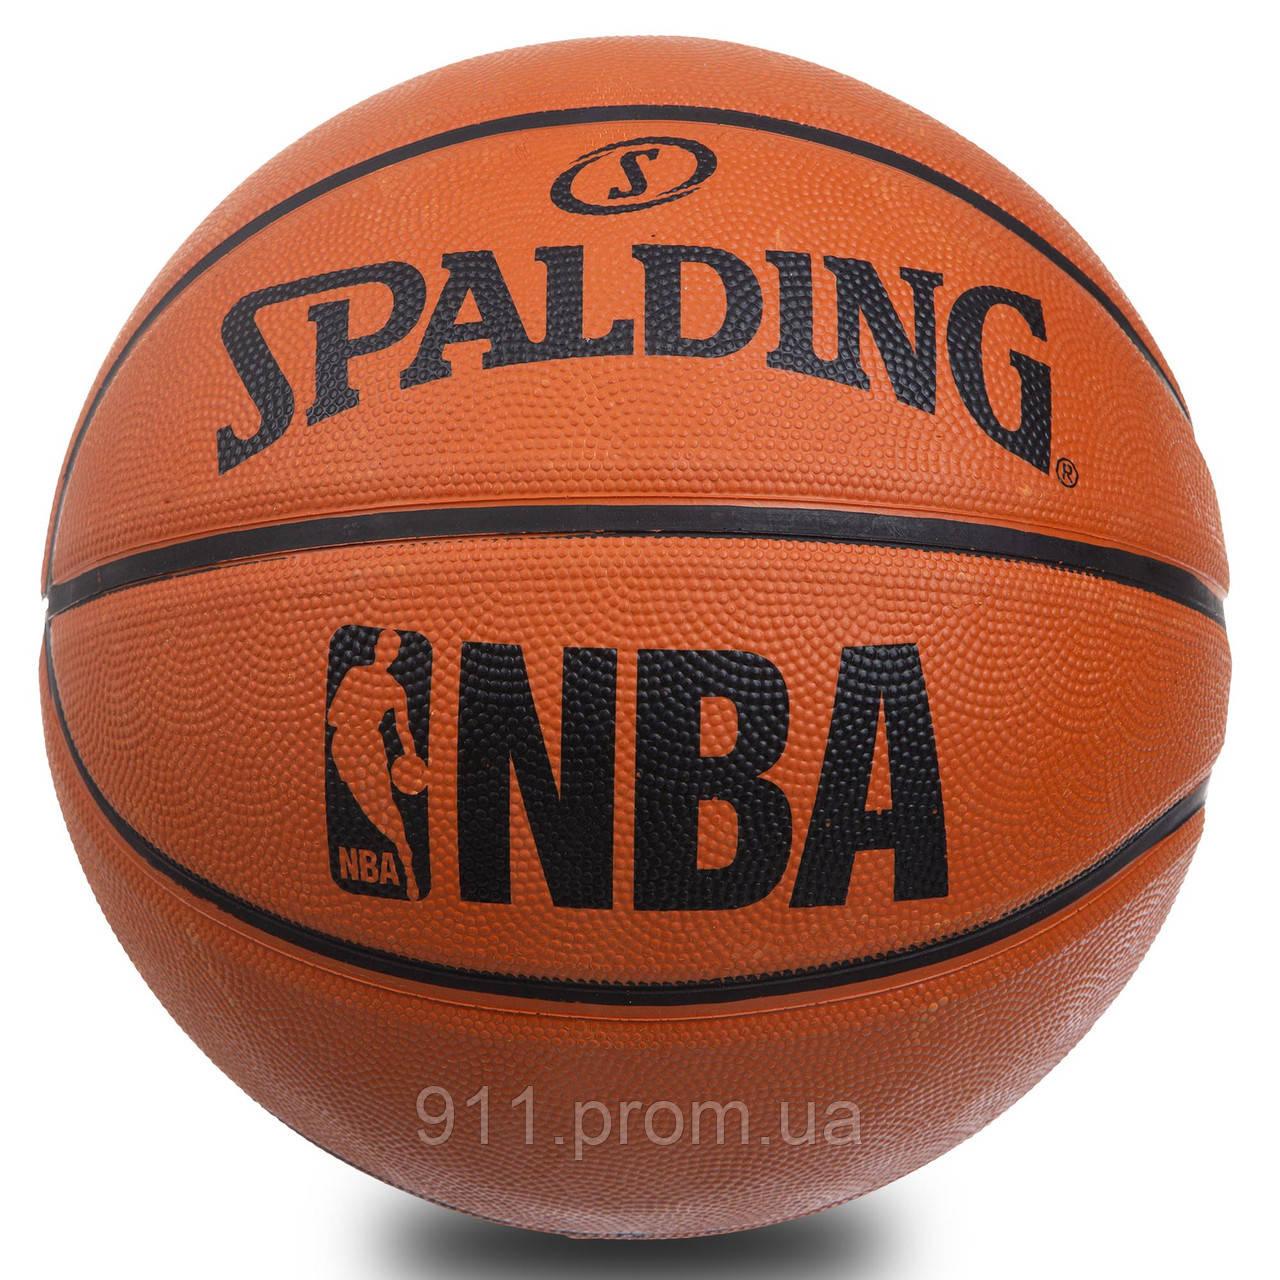 Мяч баскетбольный резиновый №7 SPALD BA-1309 NBA, резина, бутил, коричневый